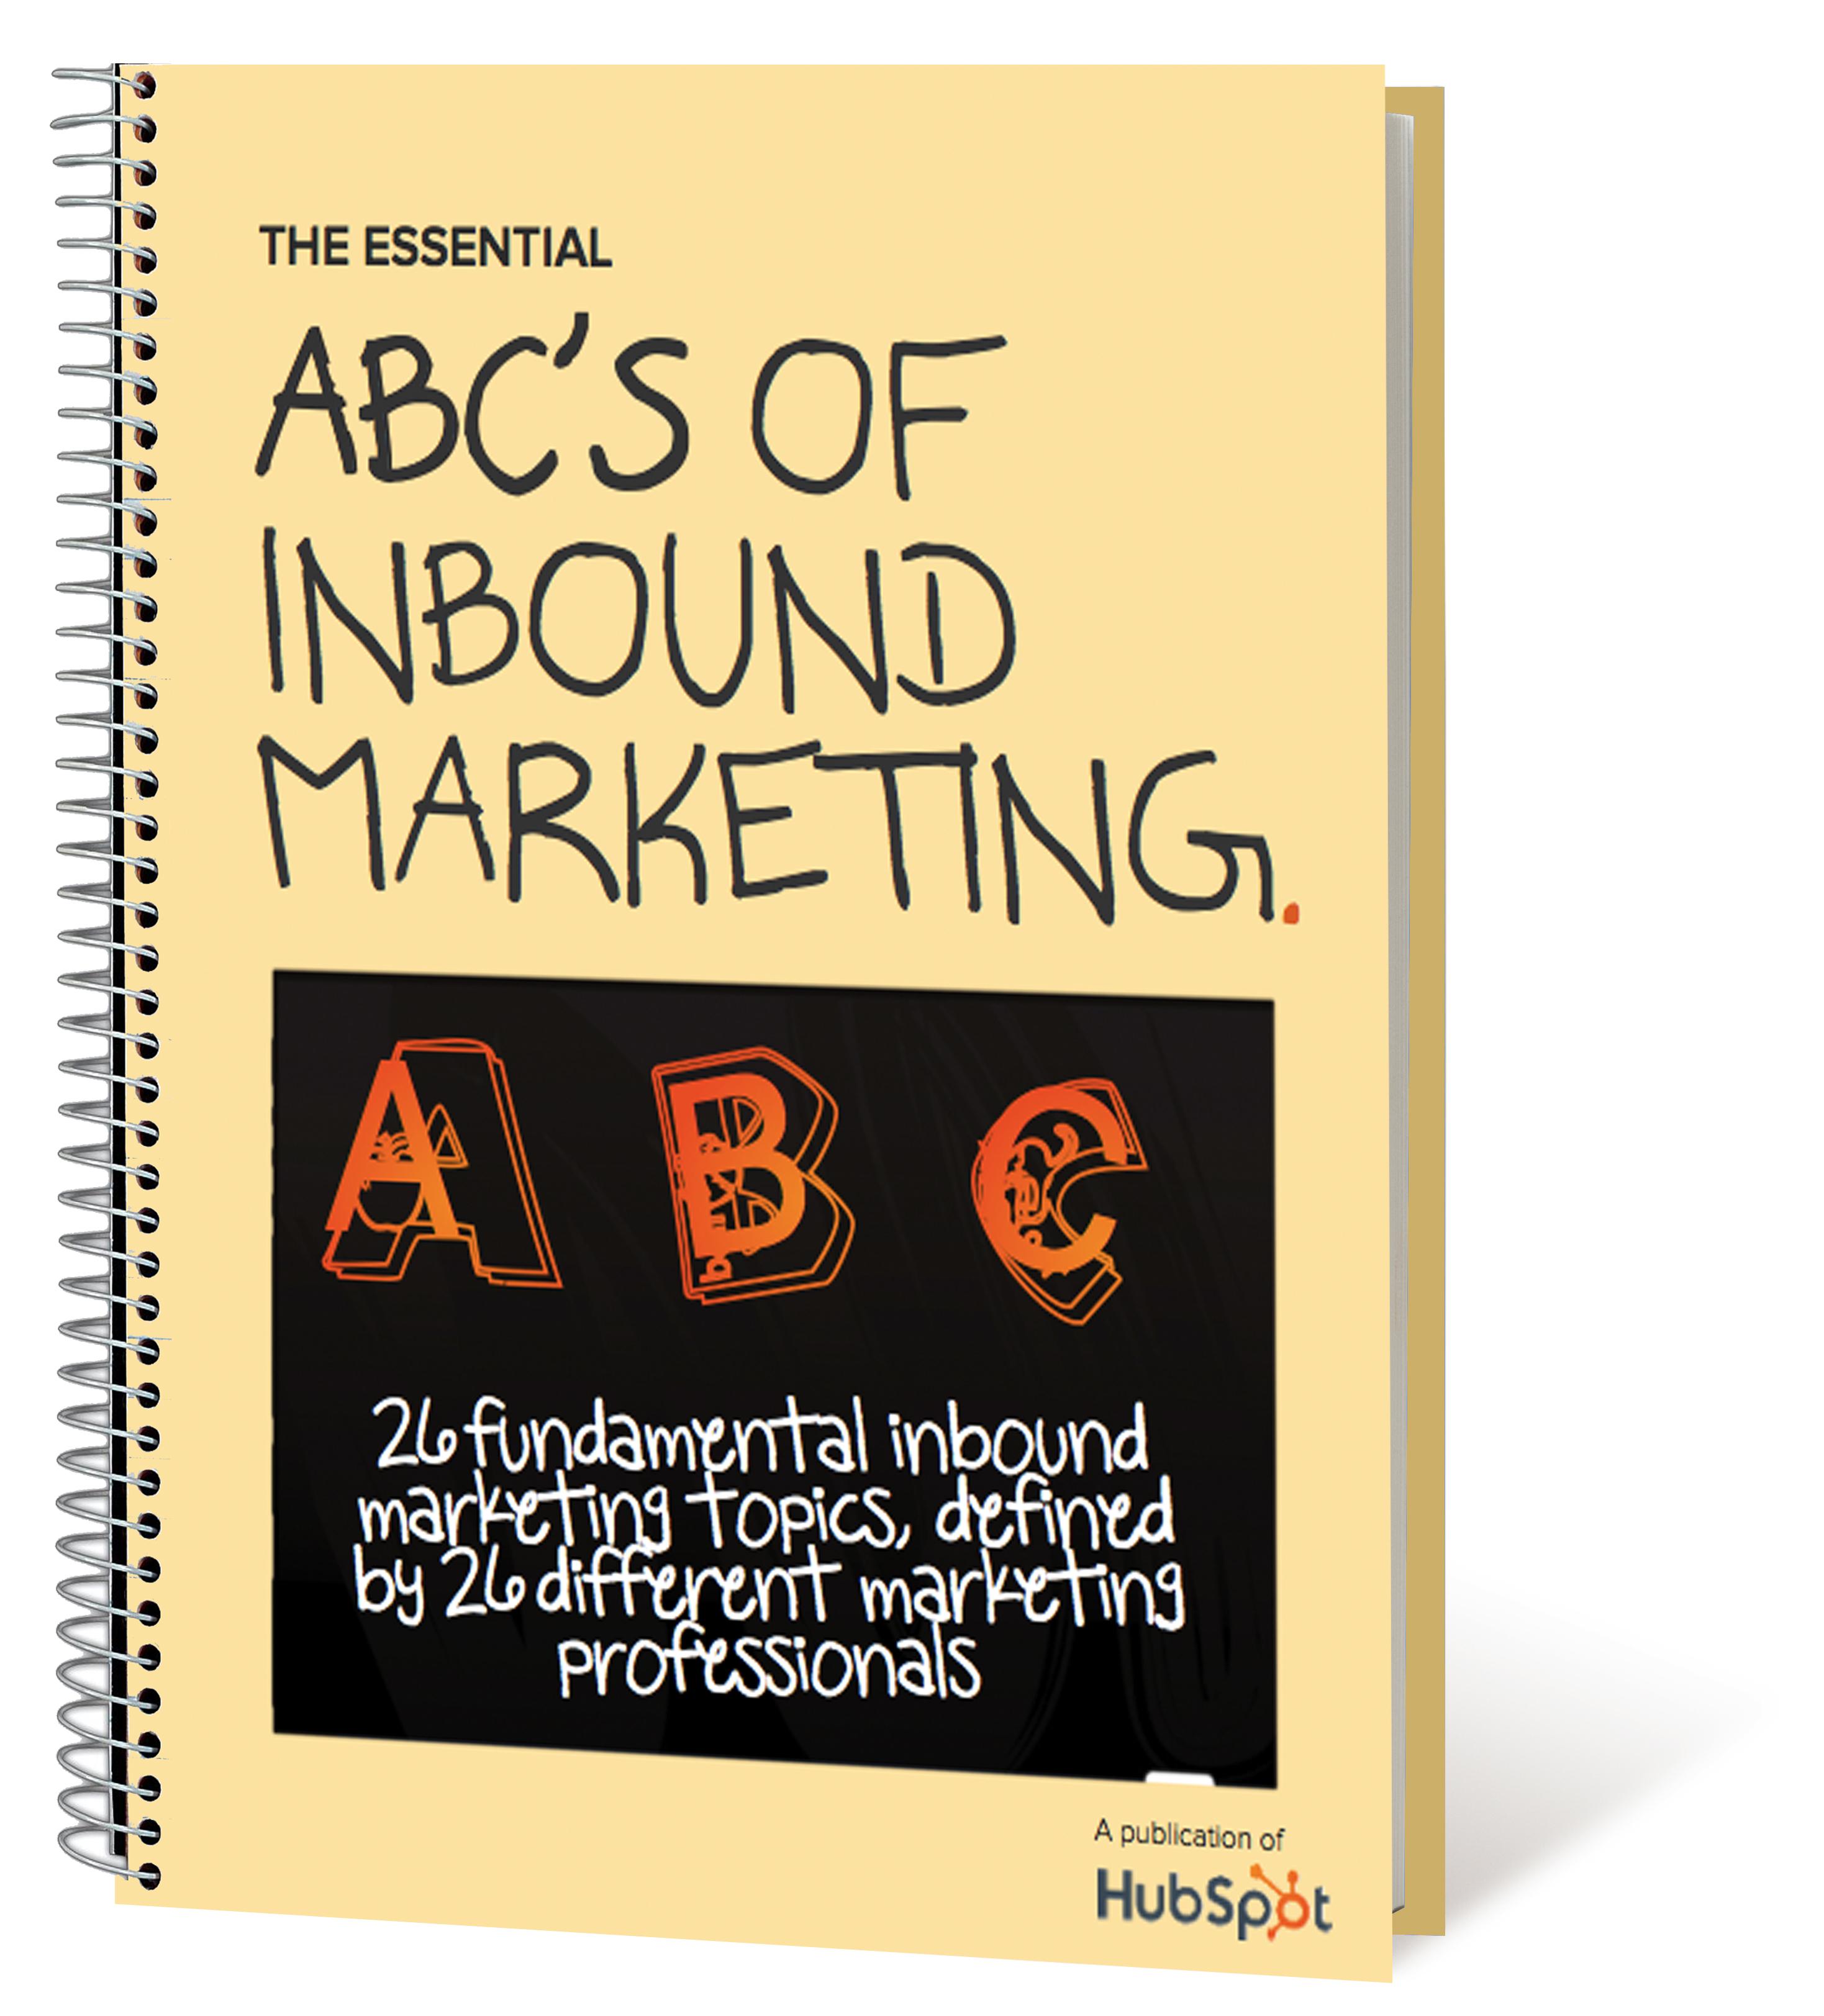 abcs_of_inbound_marketing